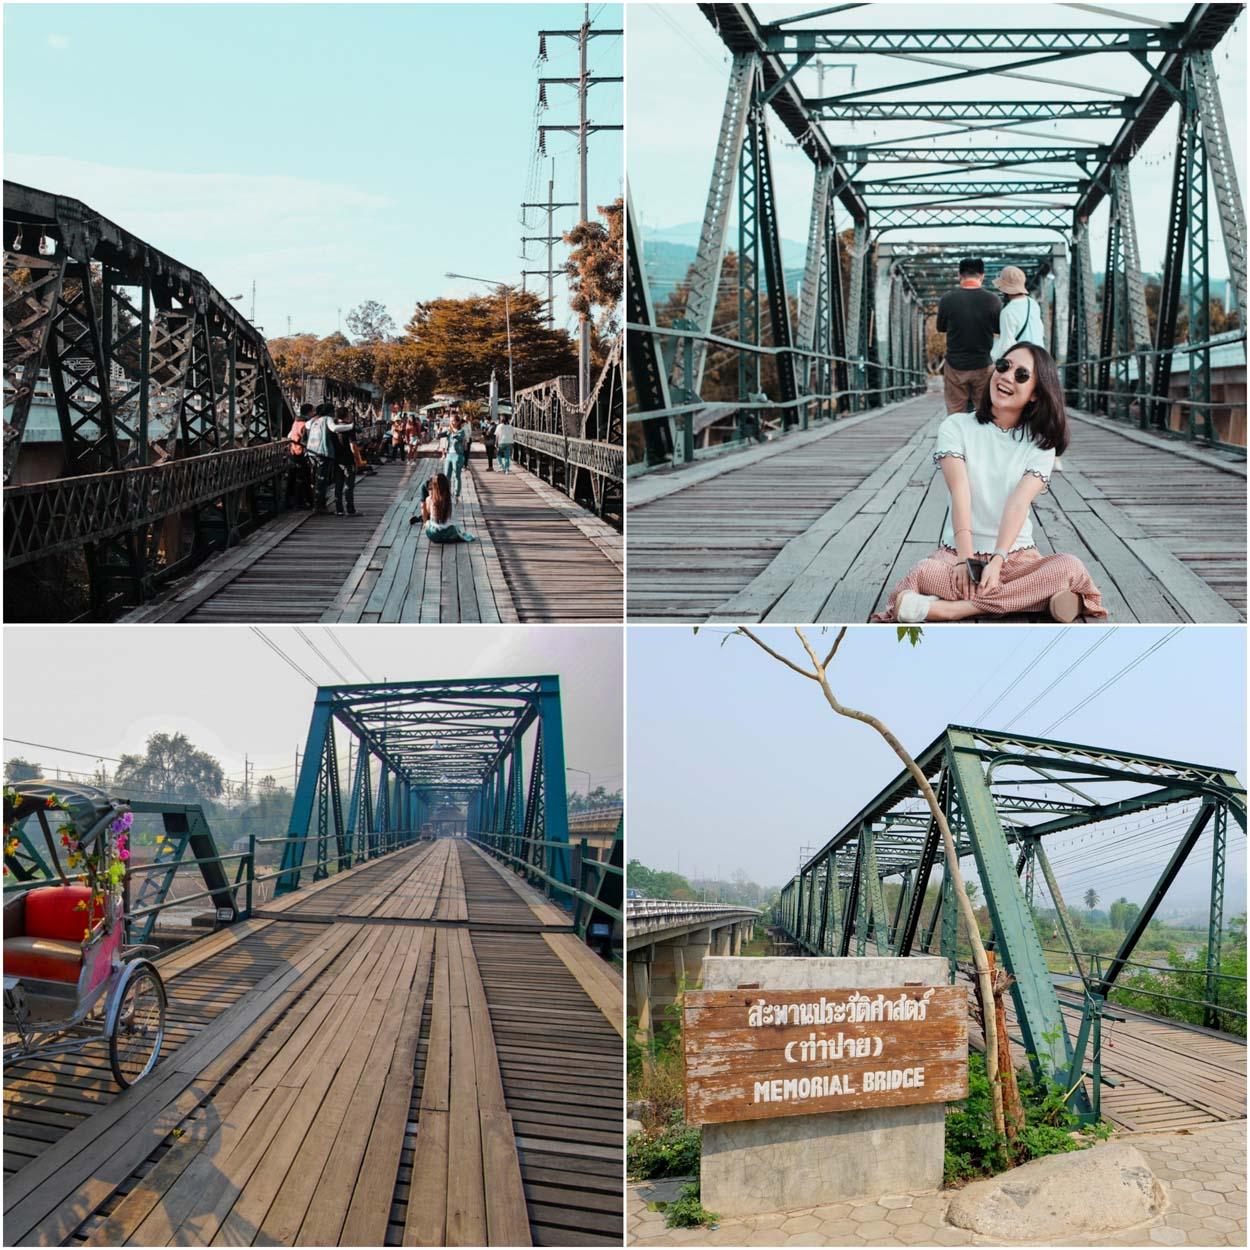 สะพานประวัติศาสตร์ปาย ชมสะพานเก่าแก่ที่สร้างตั้งแต่สมัยสงครามโลกครั้งที่2 มีทั้งความสวยงามของตัวสะพานที่อยู่ระหว่างแม่น้ำและวิวภูเขารอบๆ อีกทั้งของกินอร่อยๆมากมายของจังหวัดแม่ฮ่องสอน